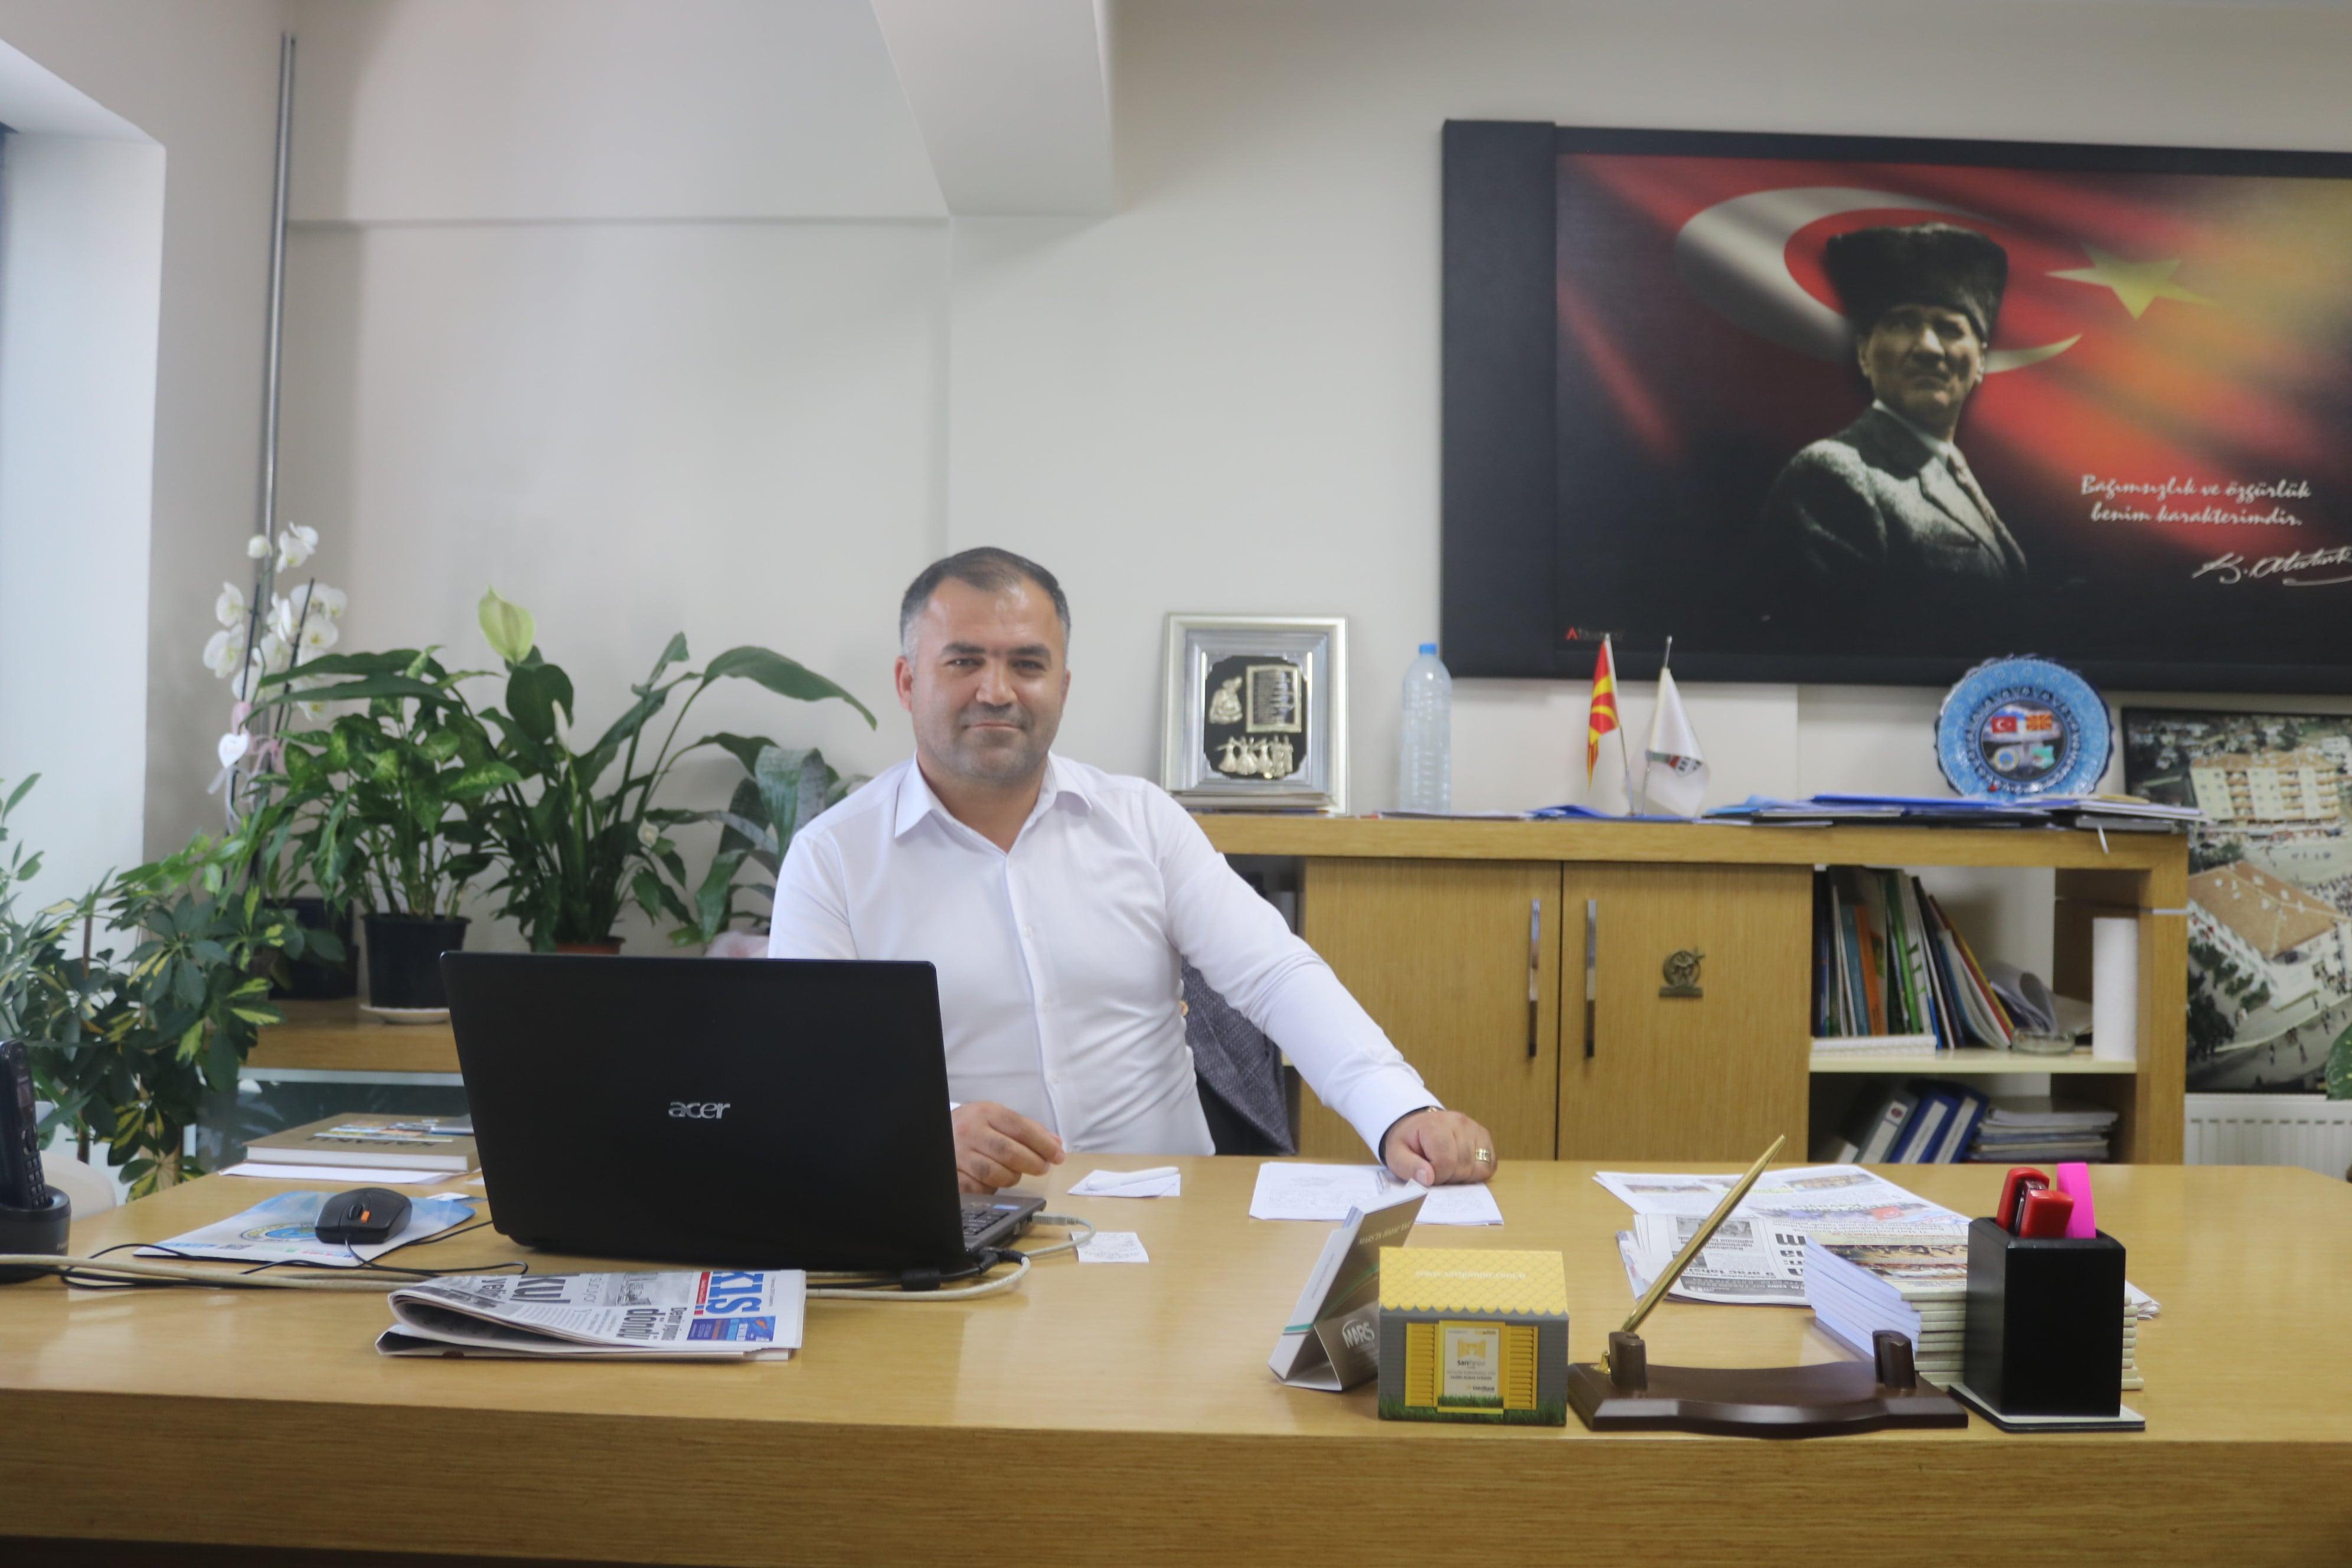 Kapaklı Belediyesi Özgür'e Emanet